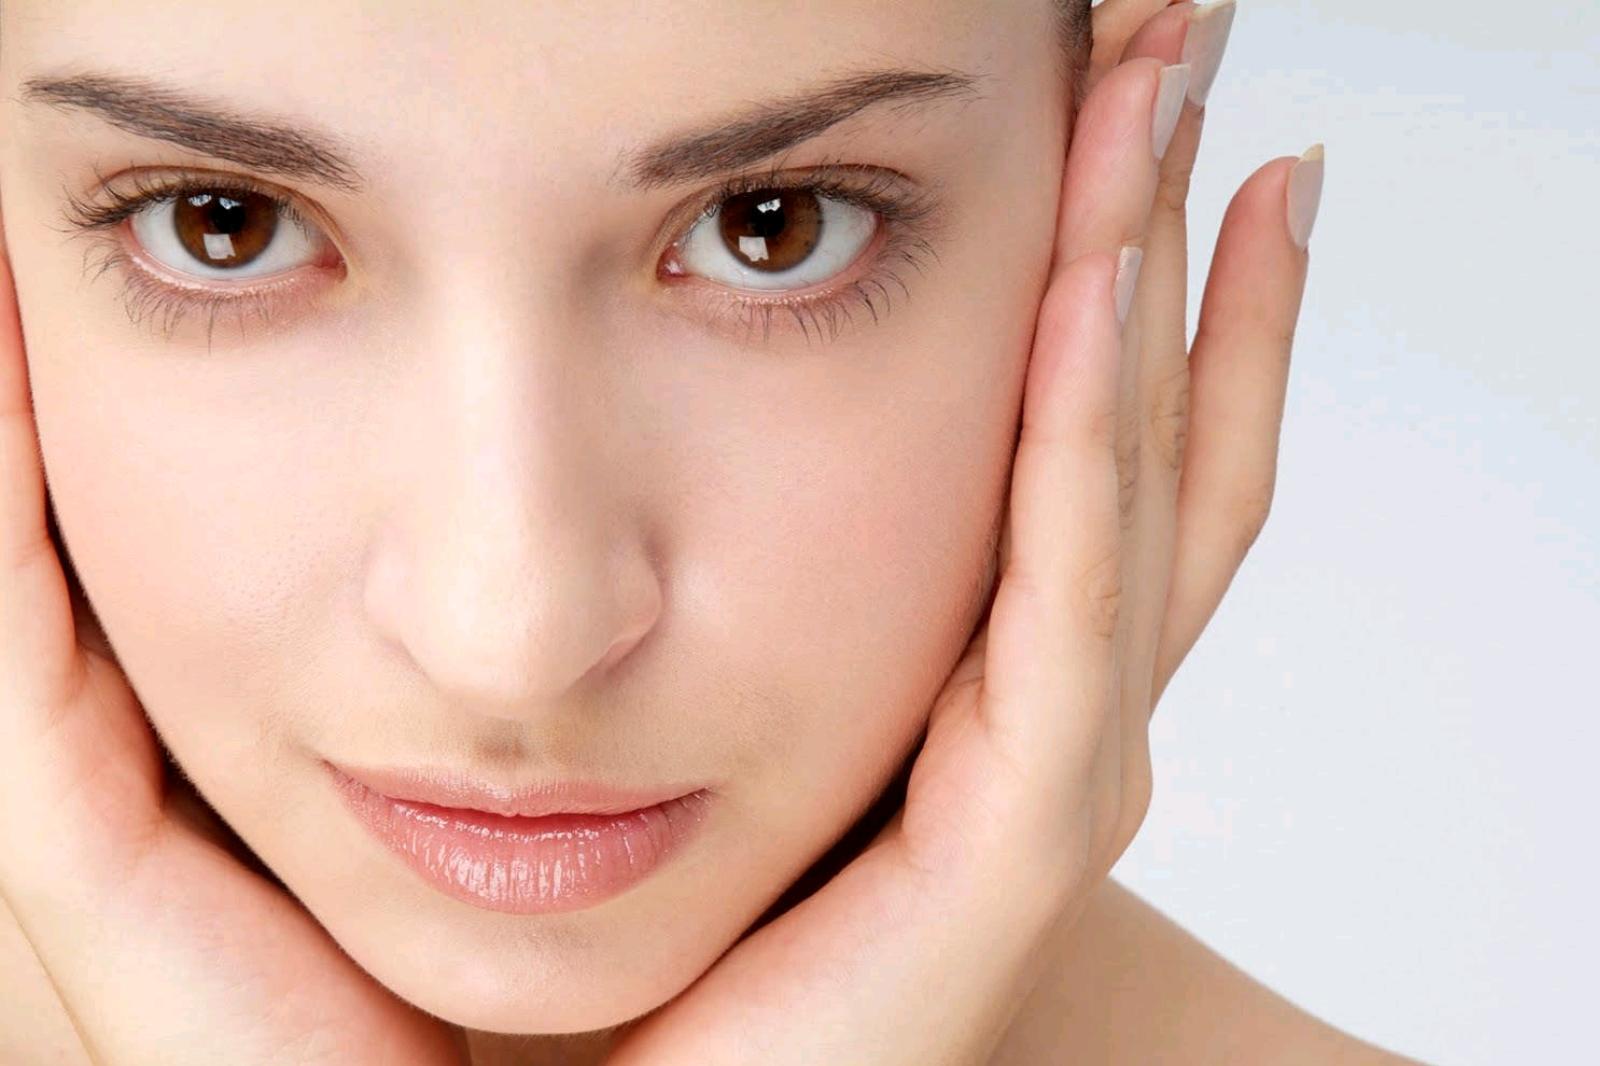 Bergamot-essential-oil-for-blemish-free-skin